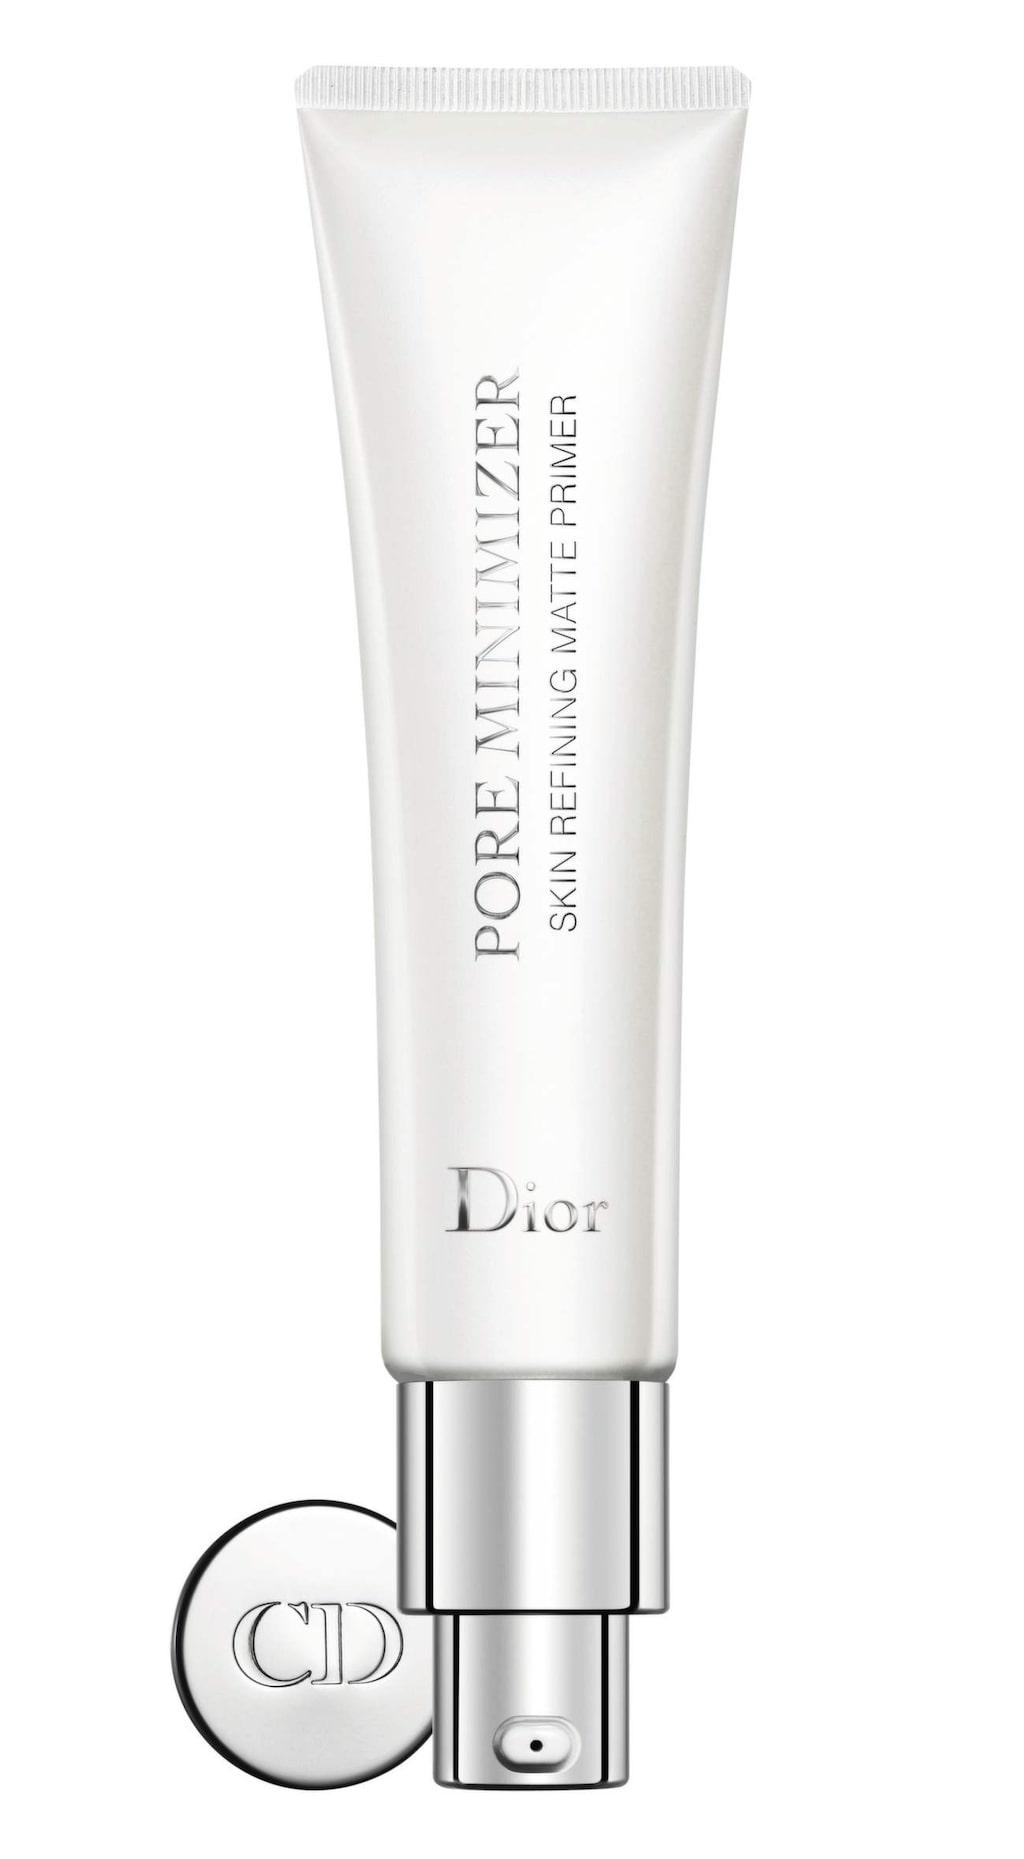 Jämnar ut. Pore minimizer, porminskande och utjämnande primer som kan läggas ovanpå foundation för att förbättra ytan, 440 kronor/30 ml, Dior, www.kicks.se